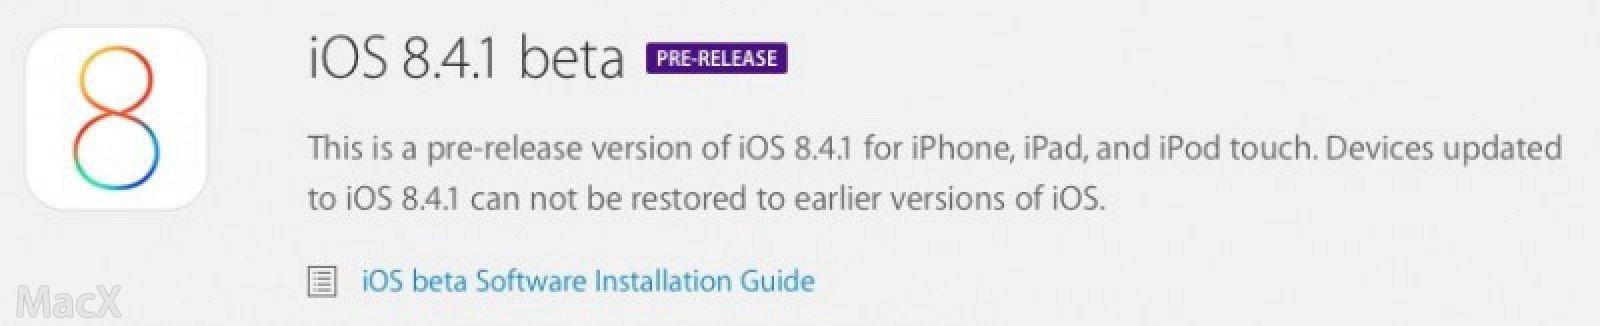 15144940 6rQg 苹果向开发者发布 iOS 8.4.1 第一个测试版